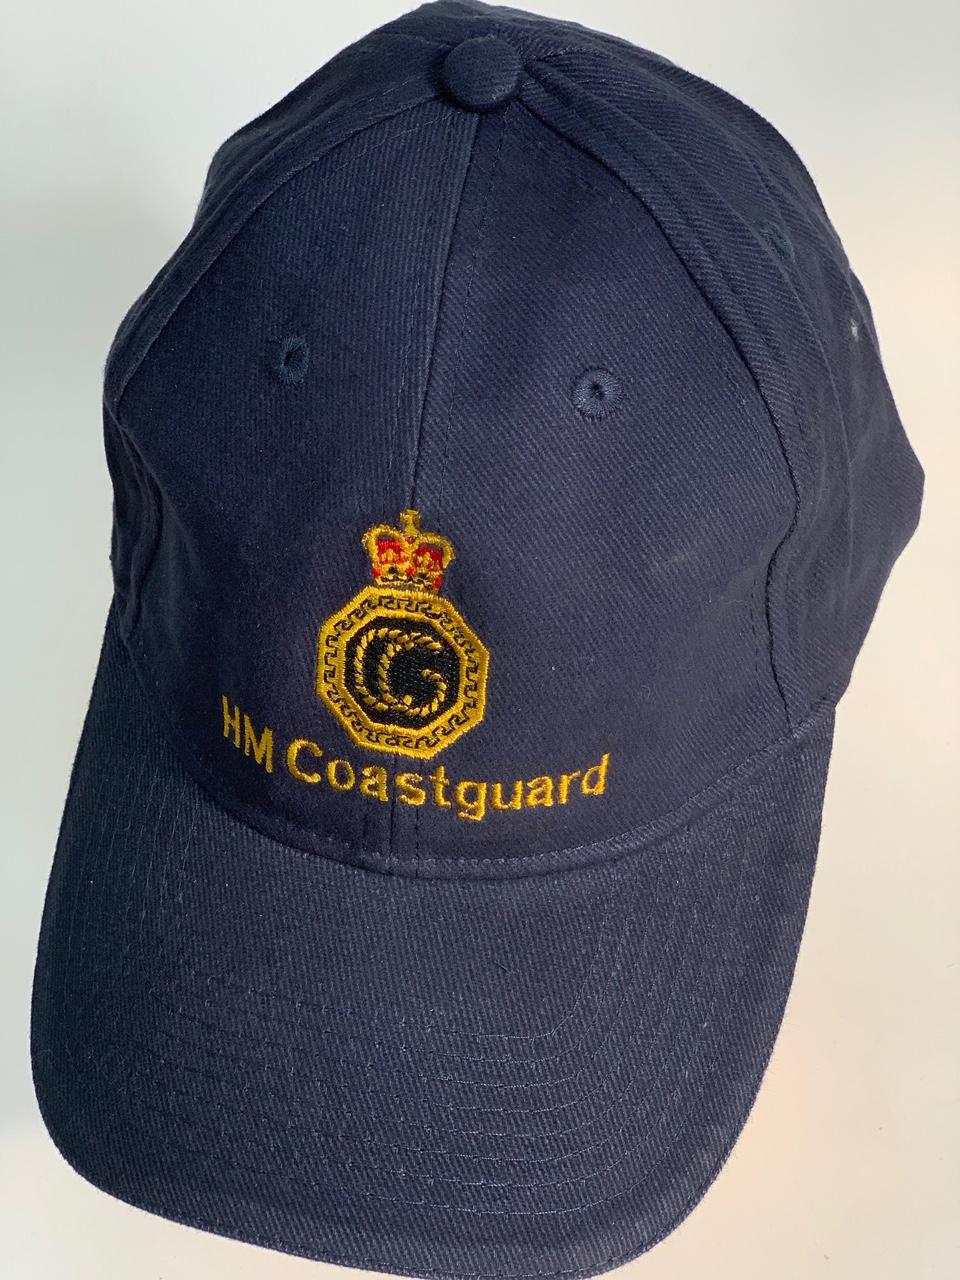 Темно-синяя бейсболка с логотипом HM Coastguard